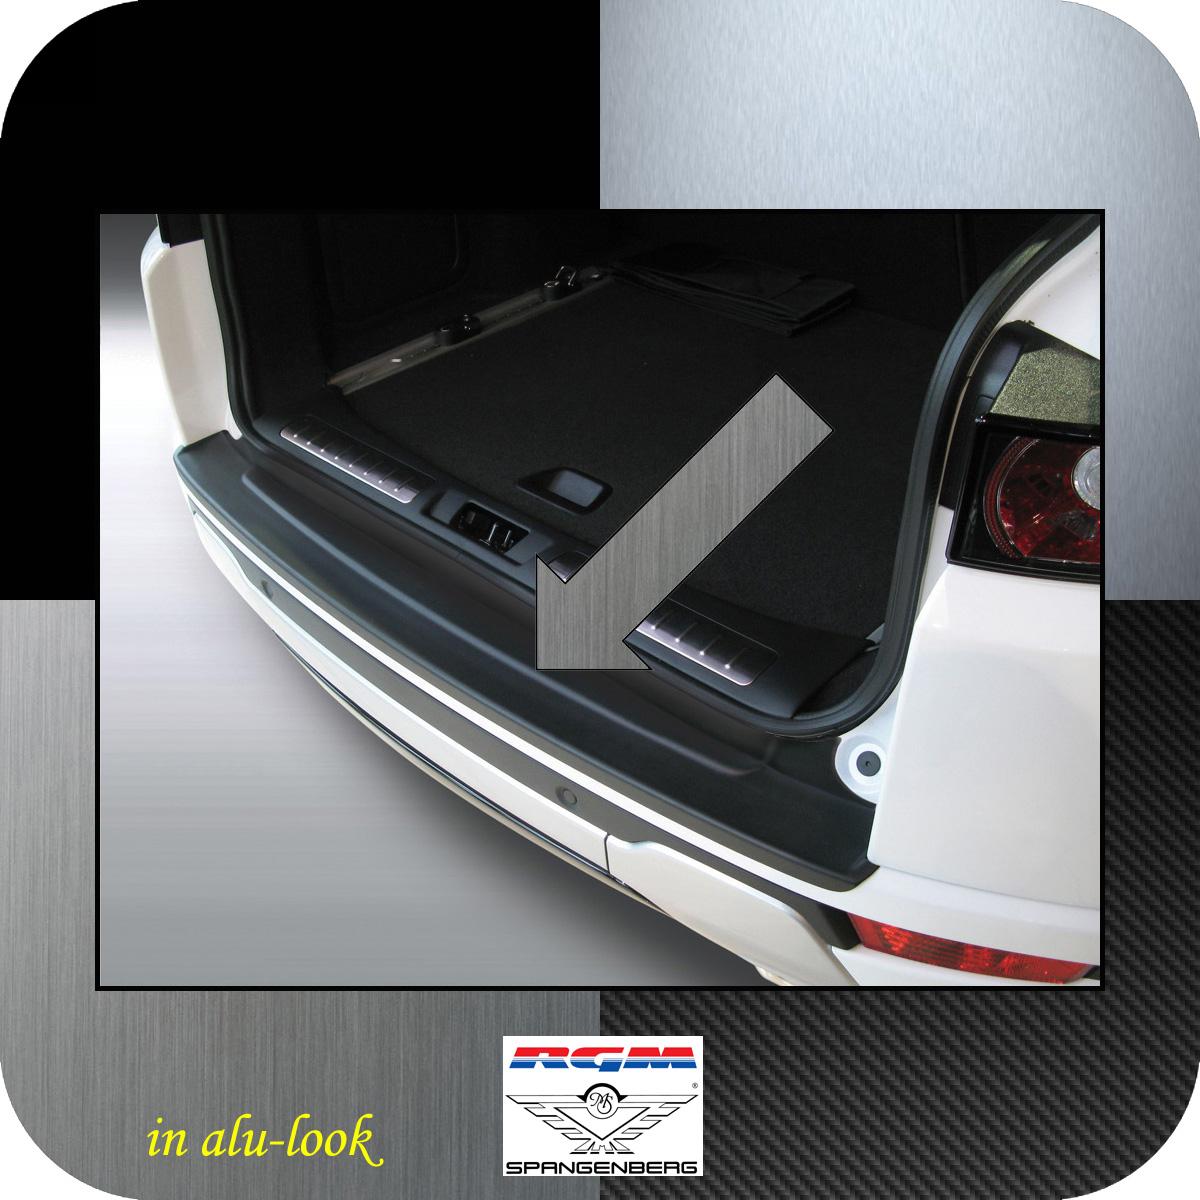 Ladekantenschutz Alu-Look Land Rover Range Rover Evoque 3-Türer 2011- 3504583